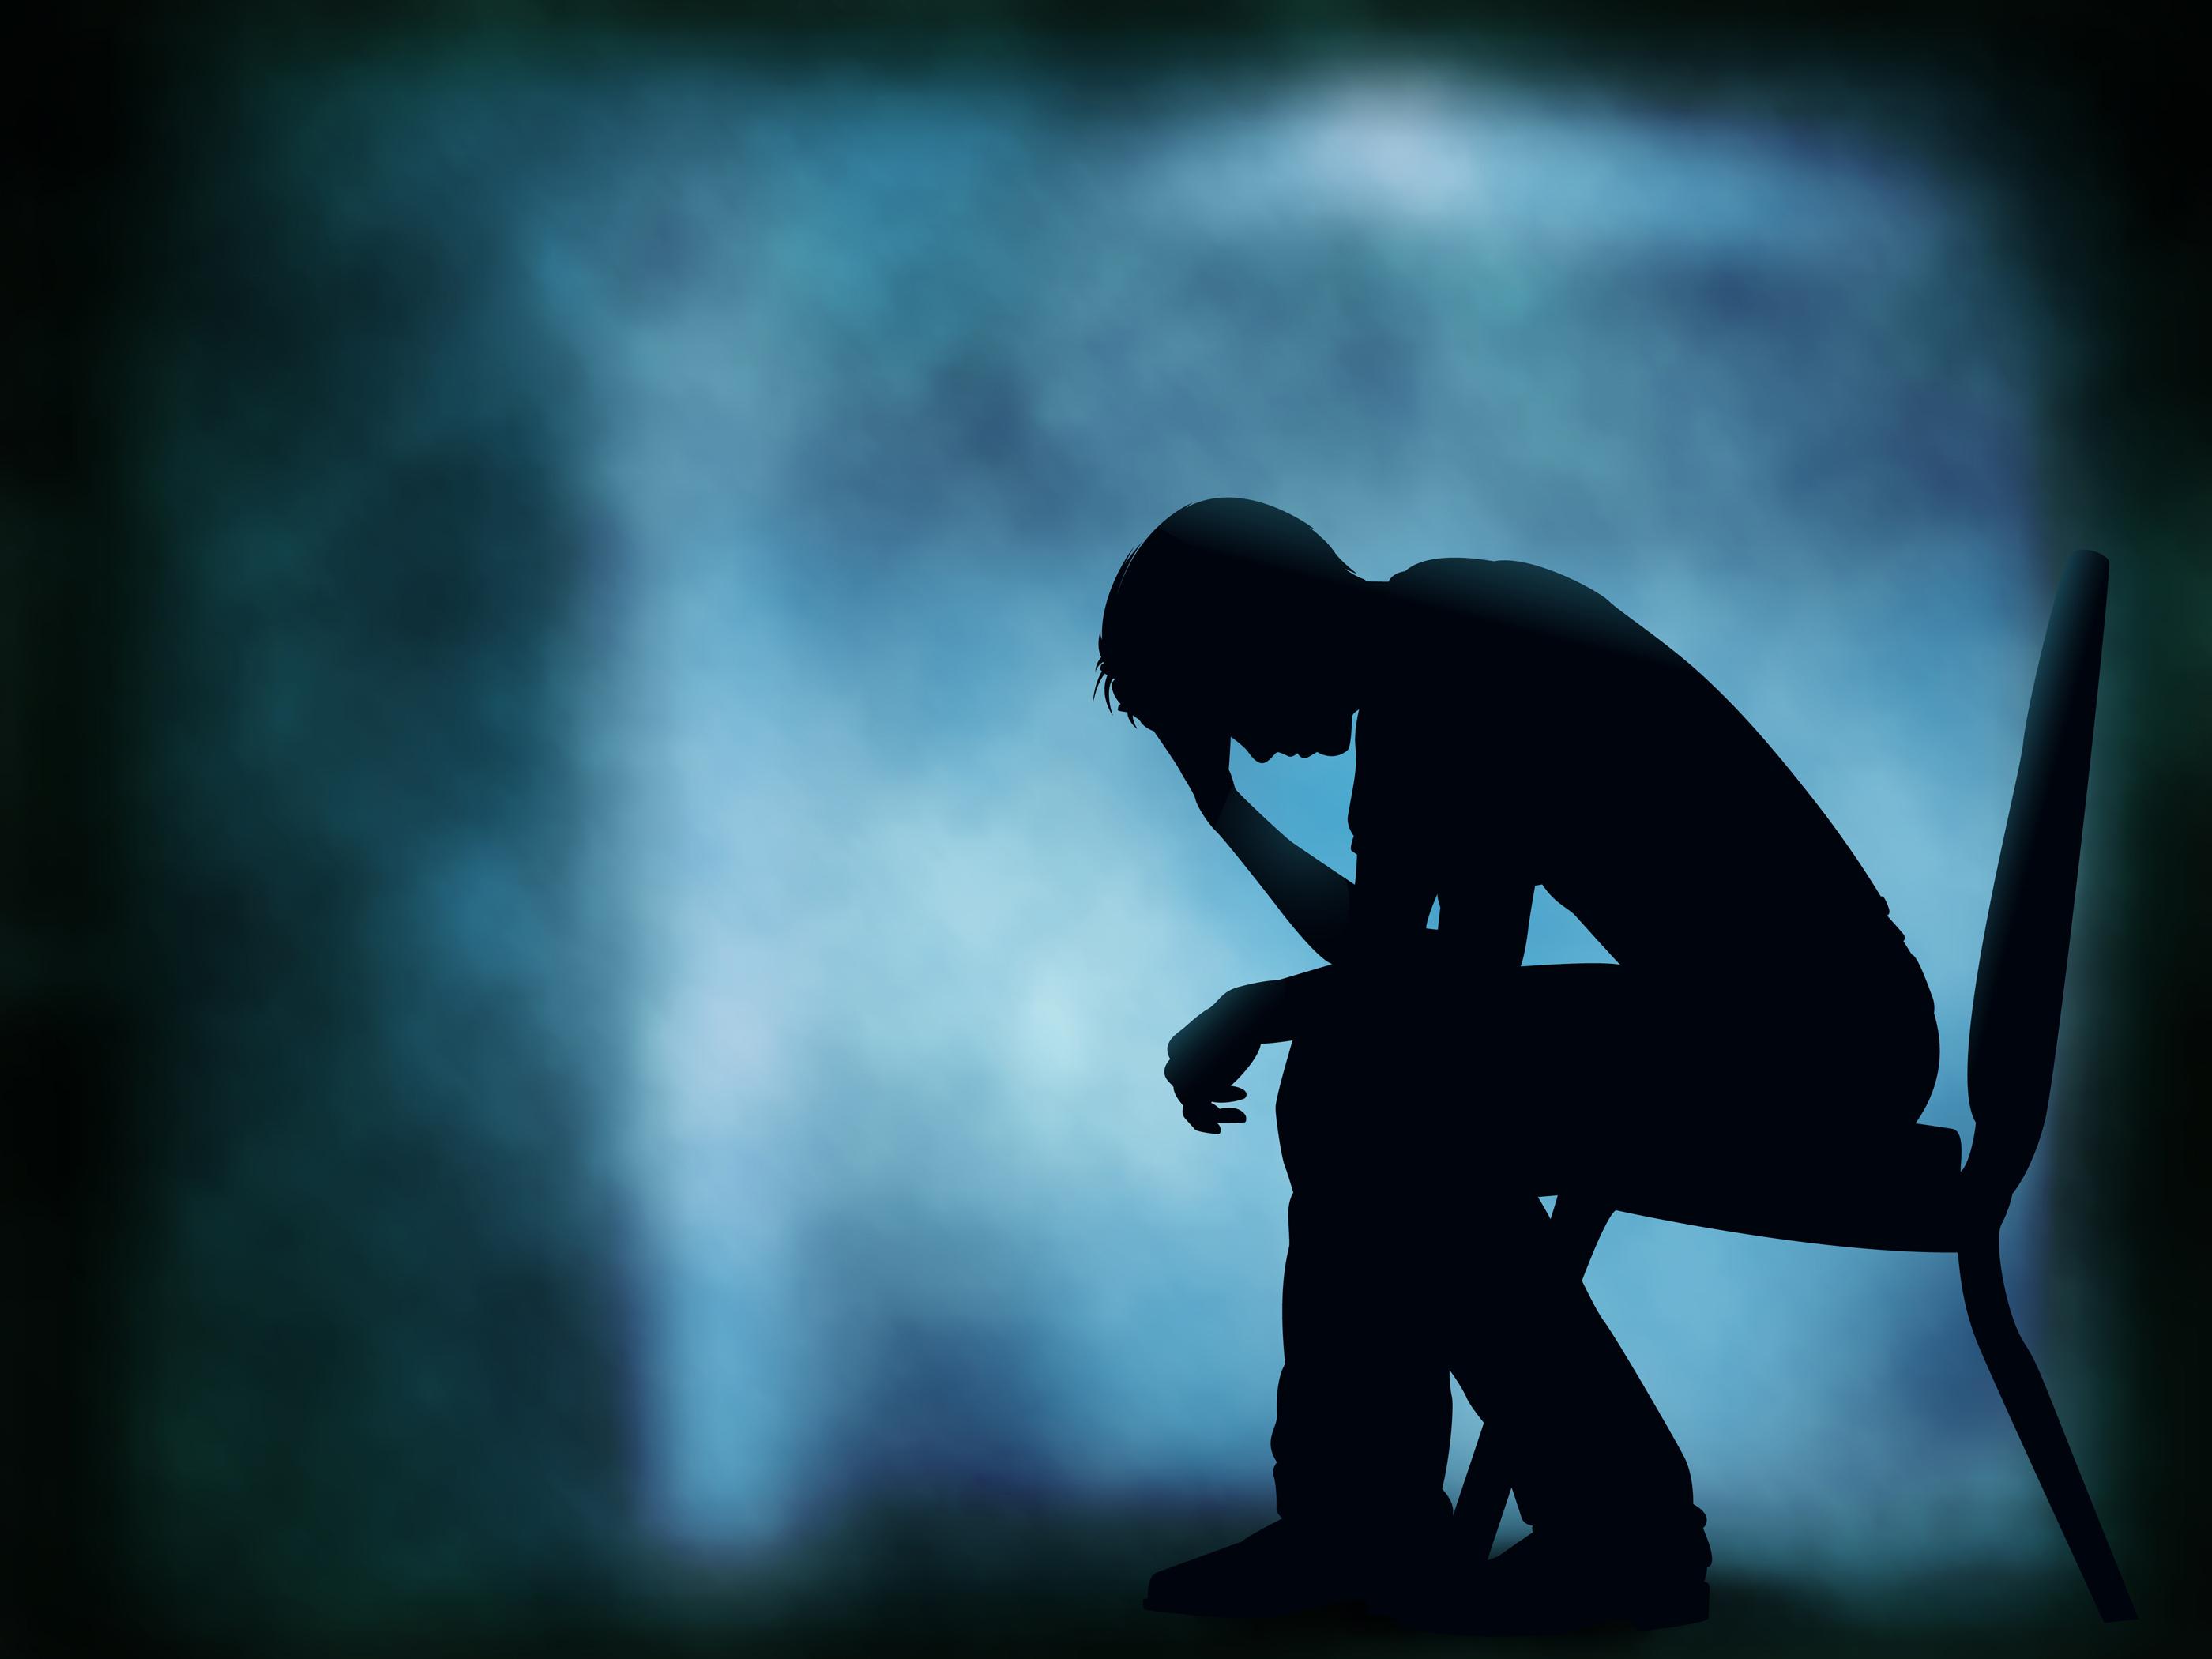 """""""É quase impossível encontrar alguém que pense em suicídio sem estar com a mente atormentada por algum motivo"""", afirma Alexandrina Meleiro (Crédito: Shutterstock)"""